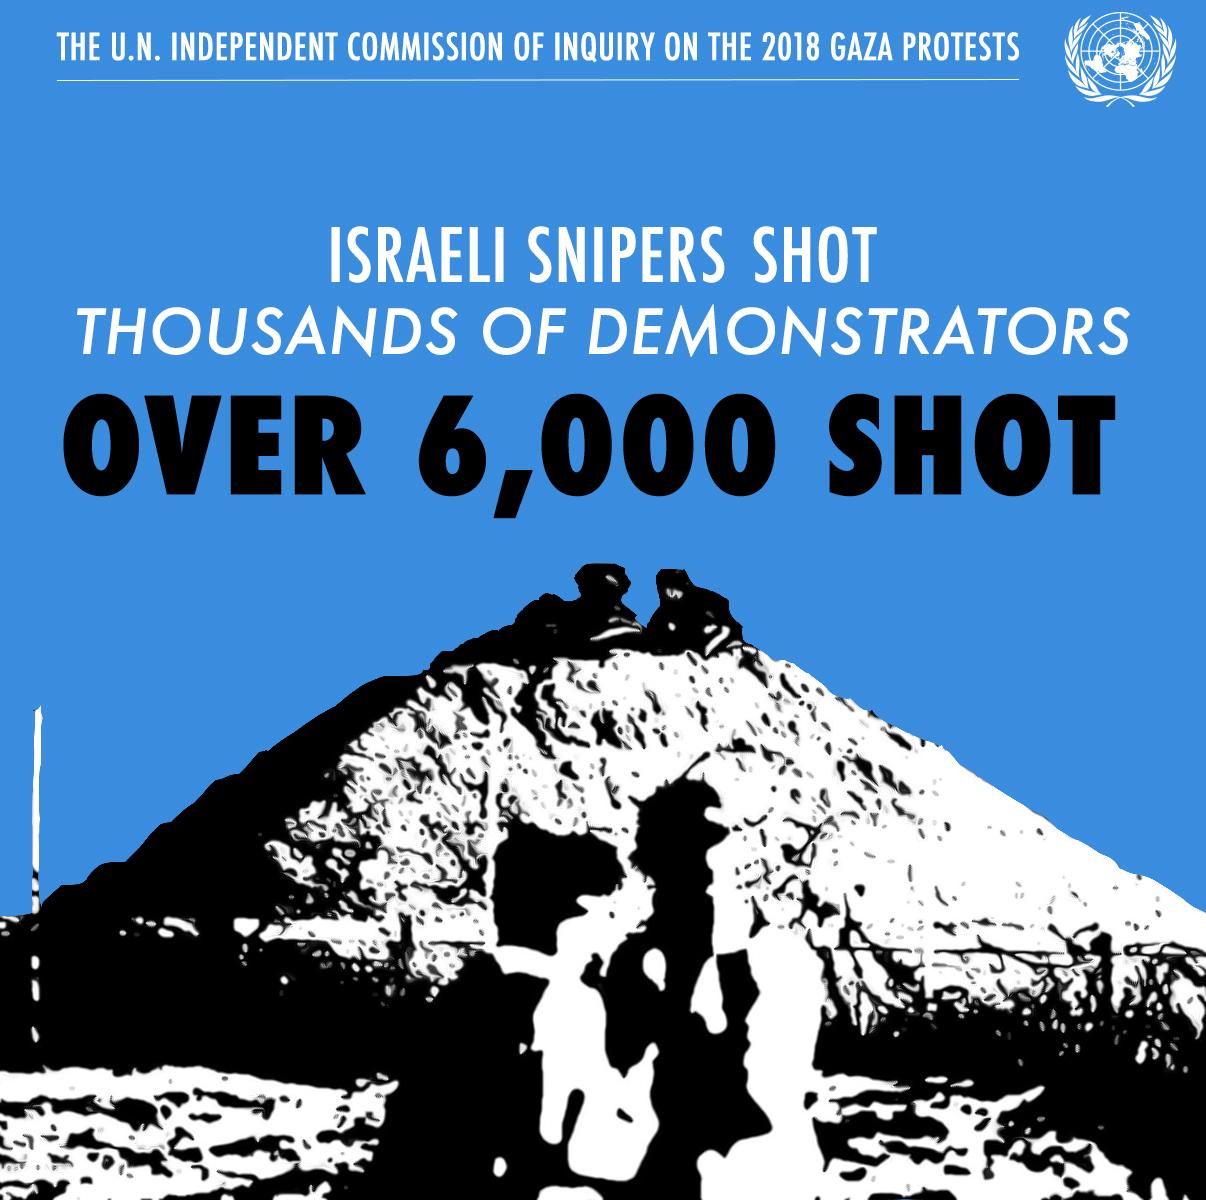 UNHRC-INFOGR-snipers_final.jpg